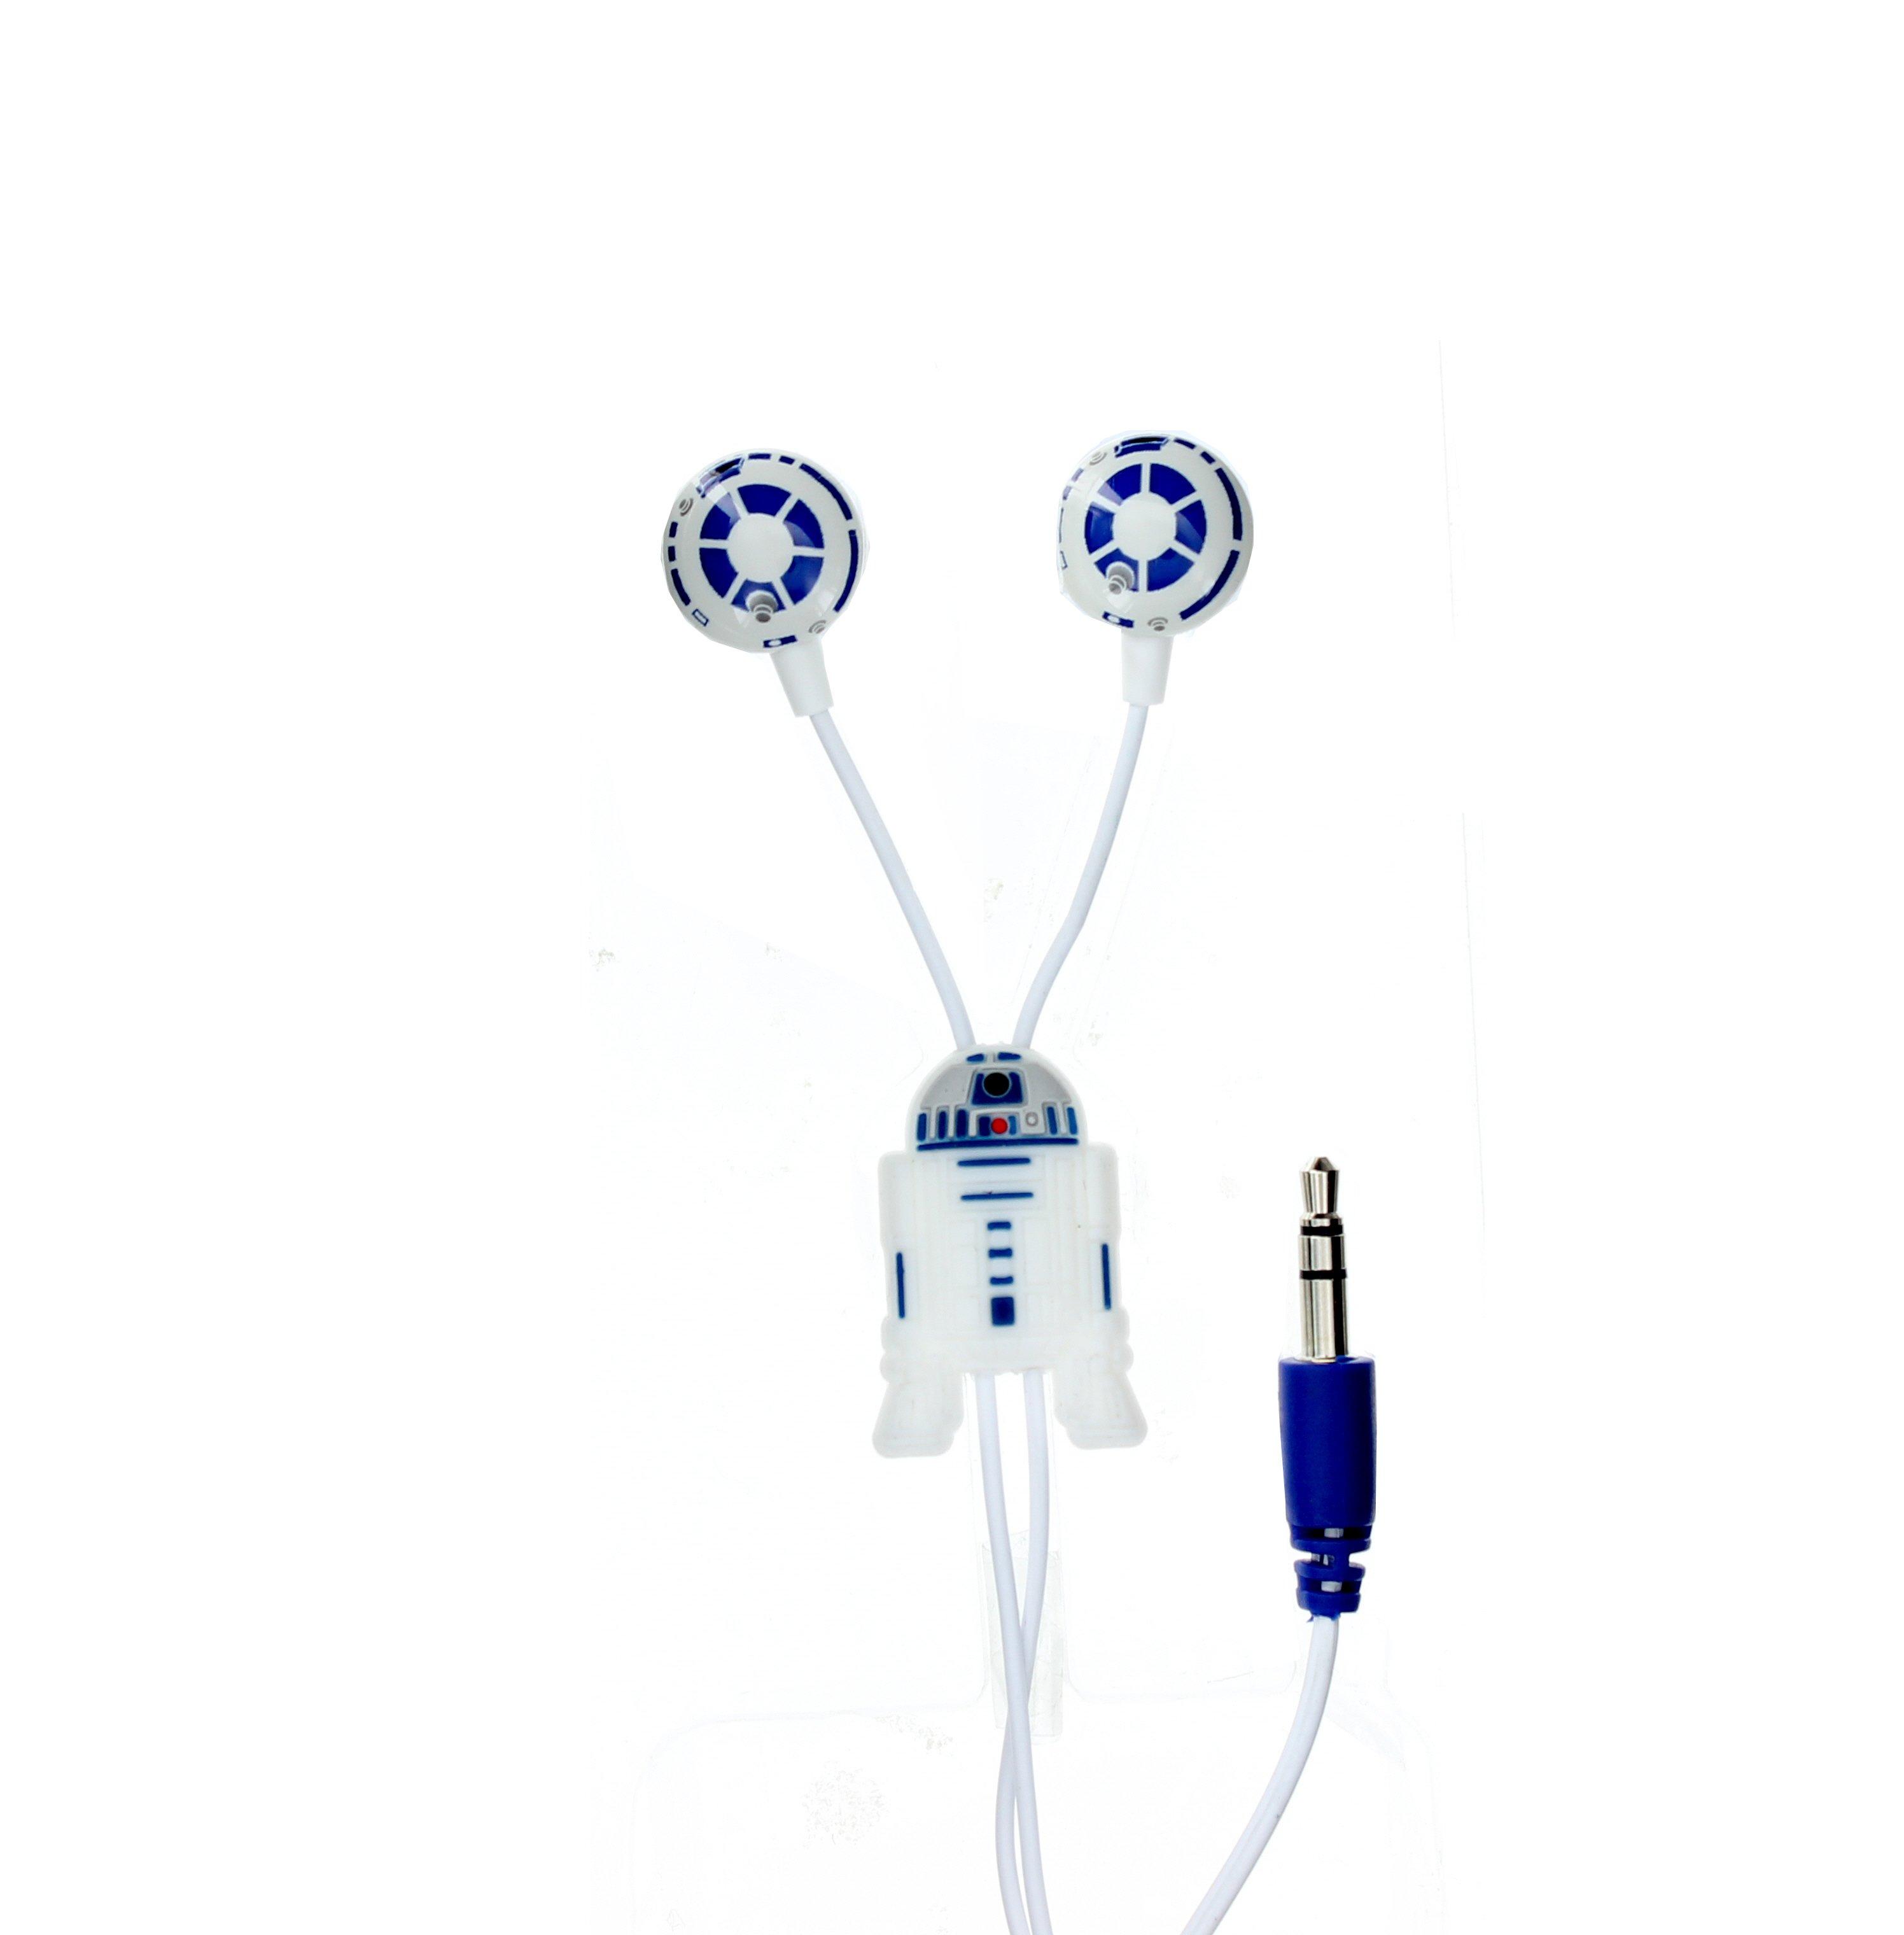 Star Wars R2-D2 Earphones Image